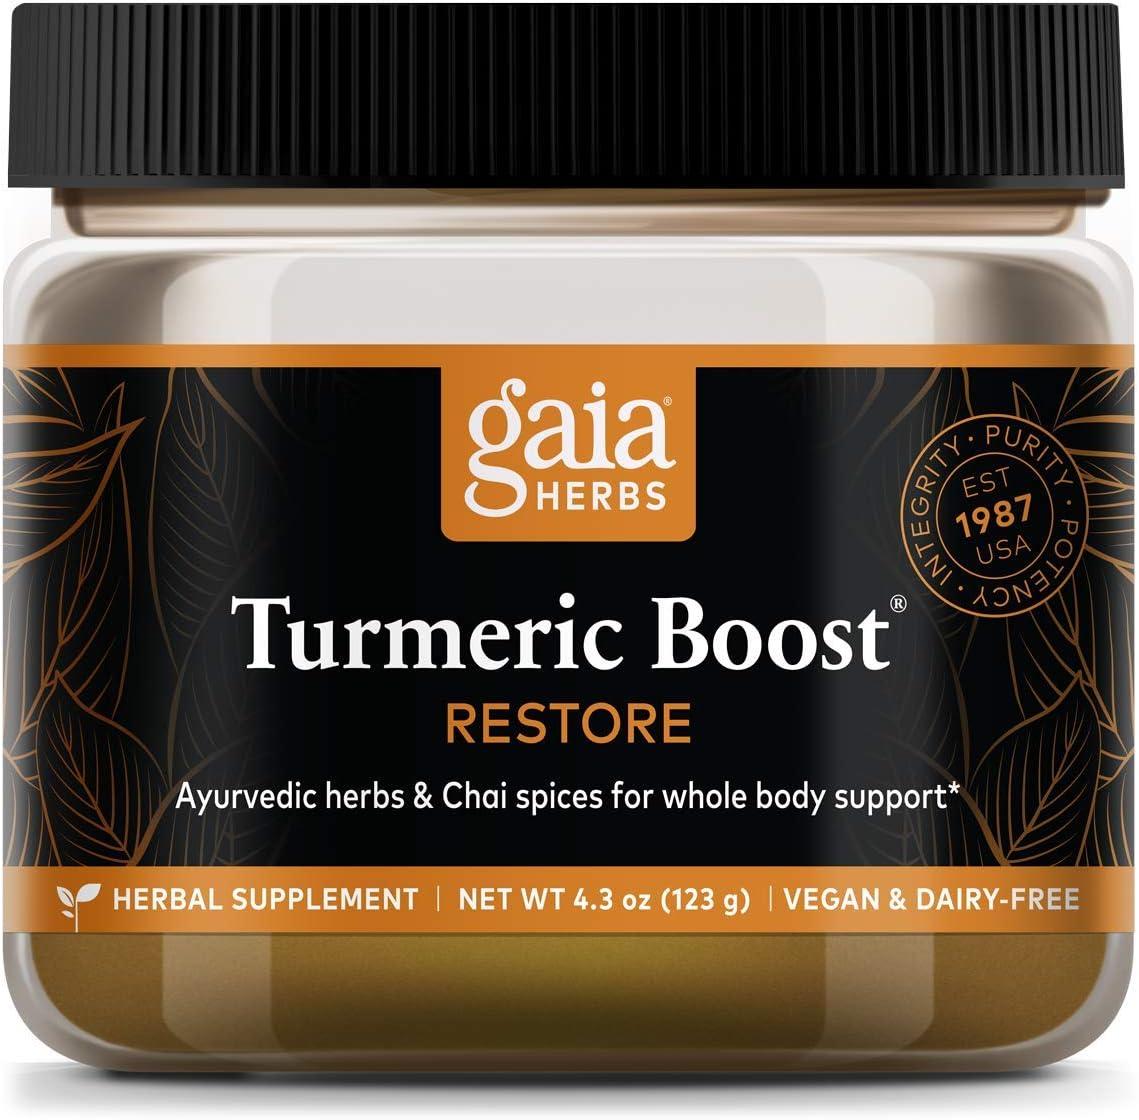 Gaia Herbs Turmeric Boost Ranking TOP12 Ounce Fashion Restore 4.3